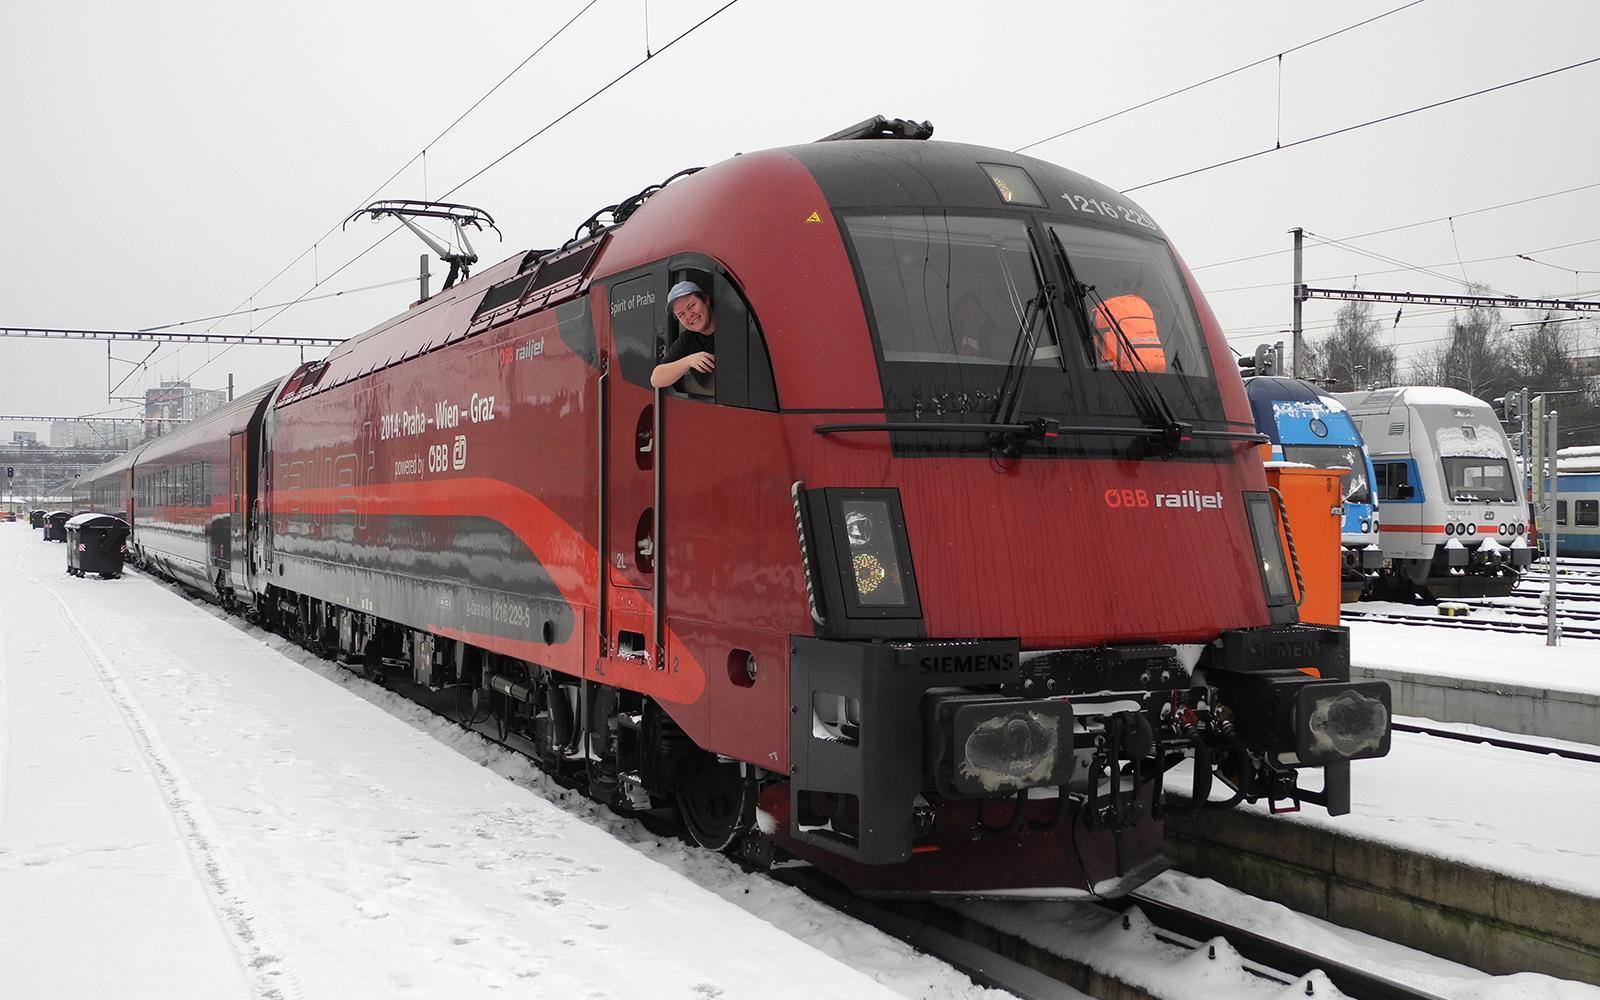 Foto: Einer der ersten railjet Lokführer der České dráhy, Jan Sova von der ČD Einsatzstelle Breclav, schaut mit Stolz aus seiner Lok, die Taurus 1216 229-5, gebaut 2006 von SIEMENS für die ÖBB. Die Lok wurde 2013 eigens für railjet Einsätze umgerüstet auf die tschechischen Zugsicherungssysteme und eine neue farbliche Gestaltung bekommen. Es handelt sich um eine Taurus 3 mit 6400 kW Leistung und 230 km/h Höchstgeschwindigkeit. Aufgenommen wurde das Foto in Prag im Depot ONJ-odstavné nádraží jih. Jan Sova ist einer der privilegierten railjet Lokführer in Tschechien und fährt täglich railjet Züge und EC Züge zwischen dem Grenzbahnhof Břeclav und Prag, sowie rund um Přerov und Breclav Nahverkehszüge und Dieseltriebwagen. Text und Foto: railmen-Lokführer Jan Krehl